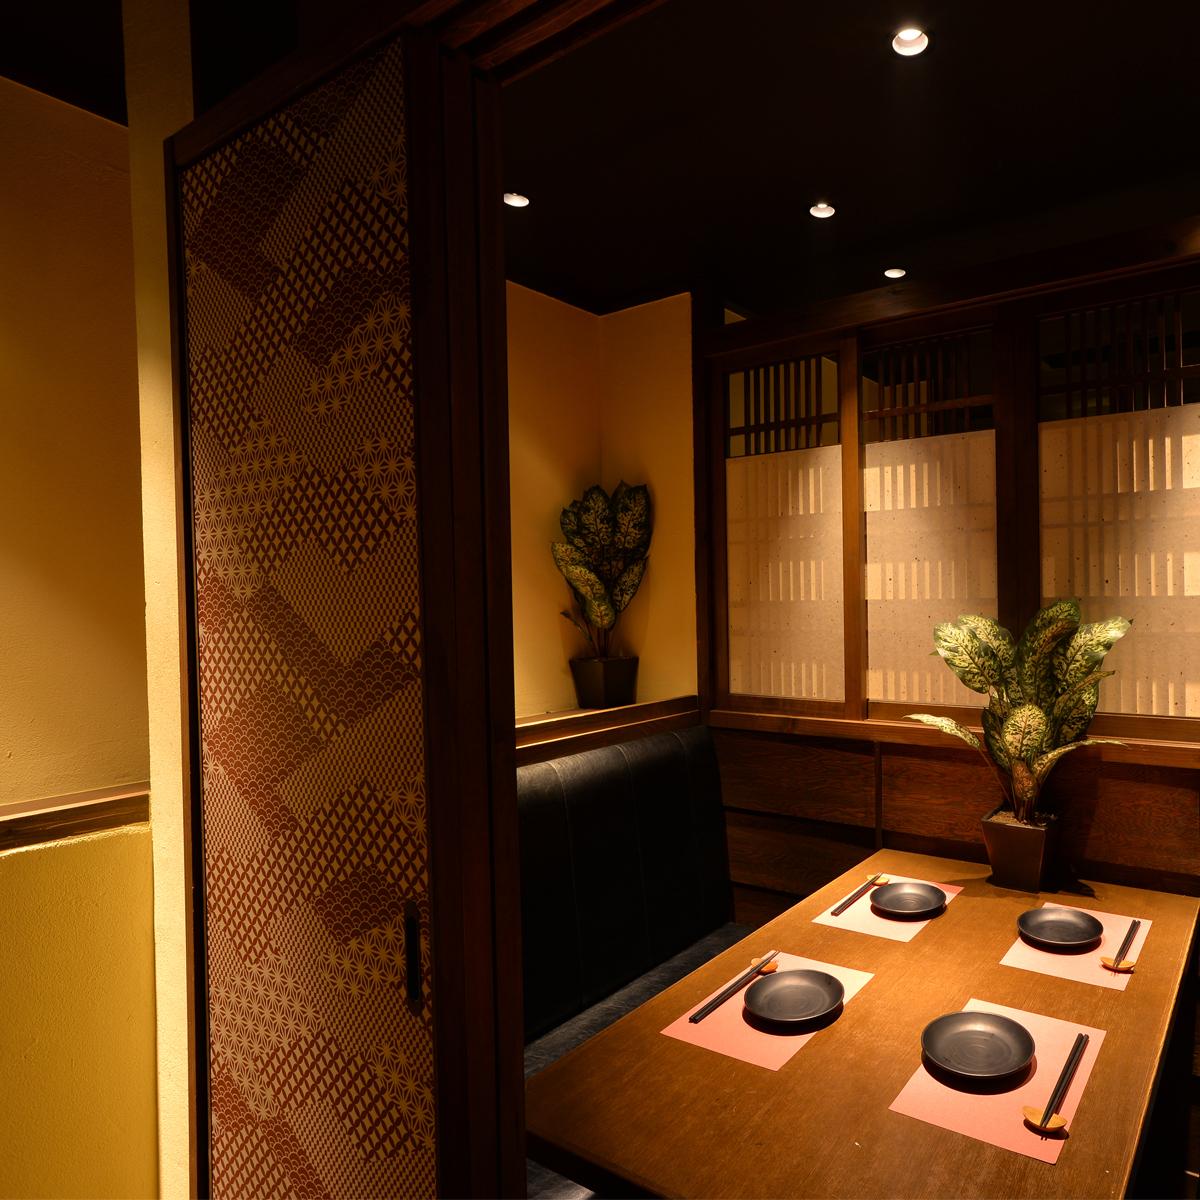 個人房間日式現代私人房間空間!聚會人數少◎平靜的燈光和日式空間舒適,與寶貴的人的距離接近良好。店內可使用2人至40人。【天文樓·居酒屋·小屋·包房·當地美食】